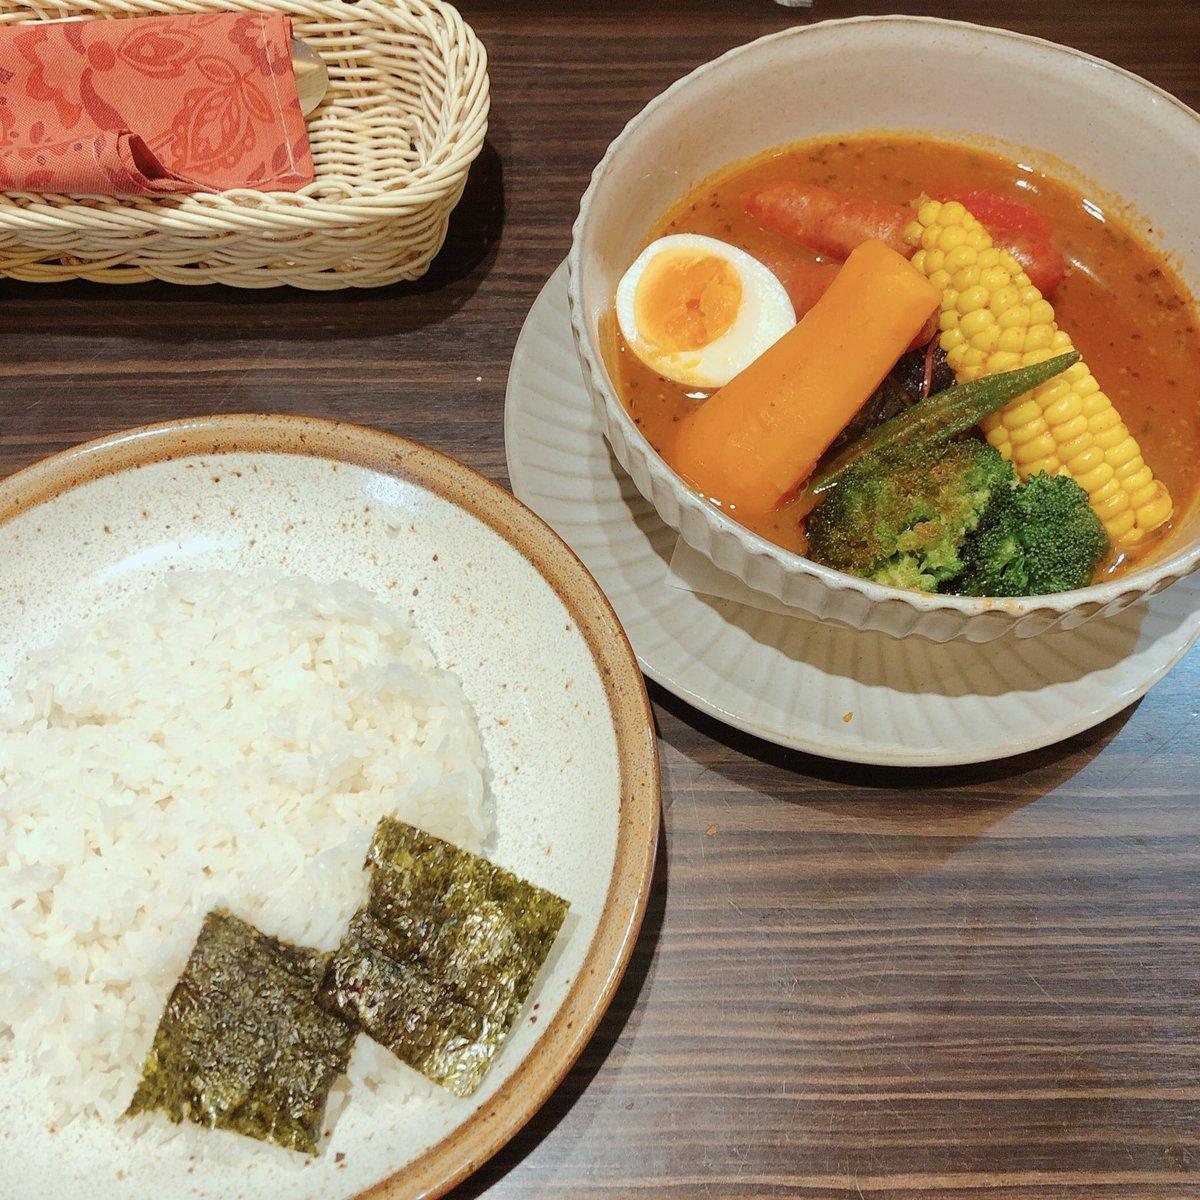 test ツイッターメディア - とりあえずは行くよね、念願の東京らっきょブラザーズさん。 本日の日替わり「チョリソーと夏野菜のスープカレー」 チョリソーが辛うまっ!トマトとたまごに助けられました笑 にんじんオクラとうもろこしブロッコリーじゃがいも。素揚げ野菜たちなんて美味しいんだ!やっぱここのスープカレー1番だな! https://t.co/mQ2fKH32Mx